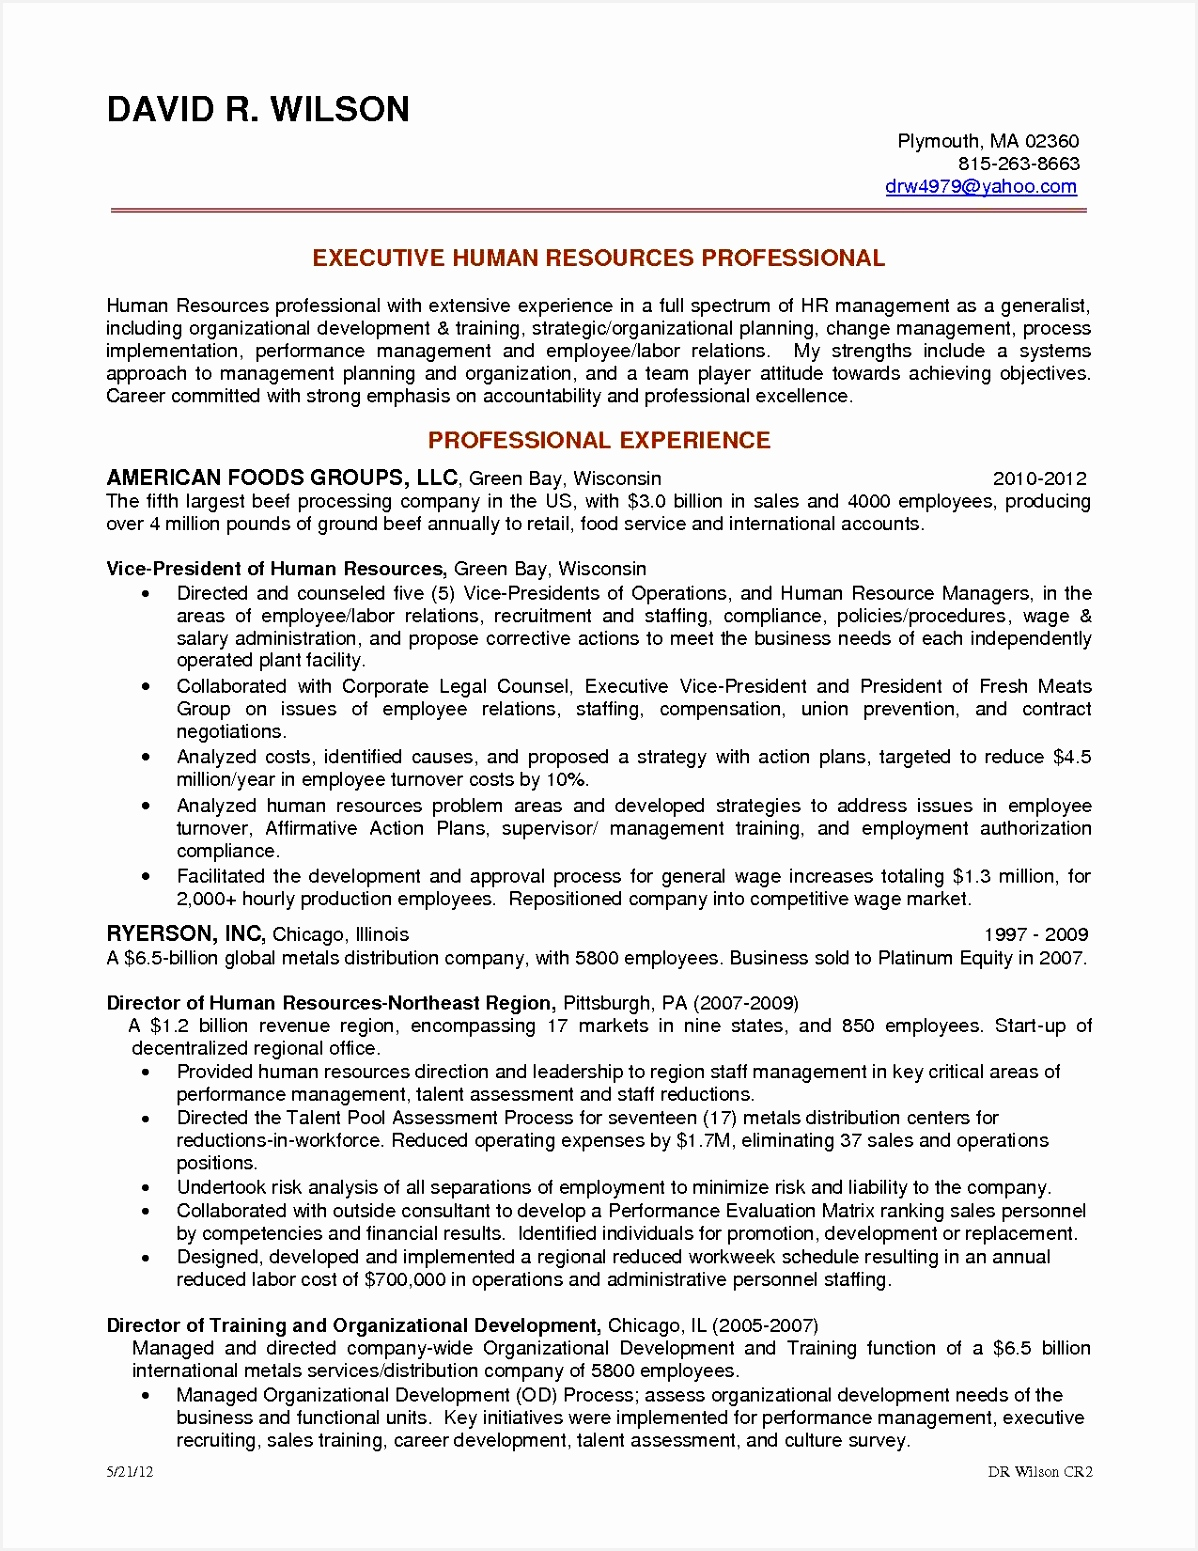 Maintenance Job Description Resume Best Humansources Generalist Job Description Sample and Duties Hr15511198fjd5r